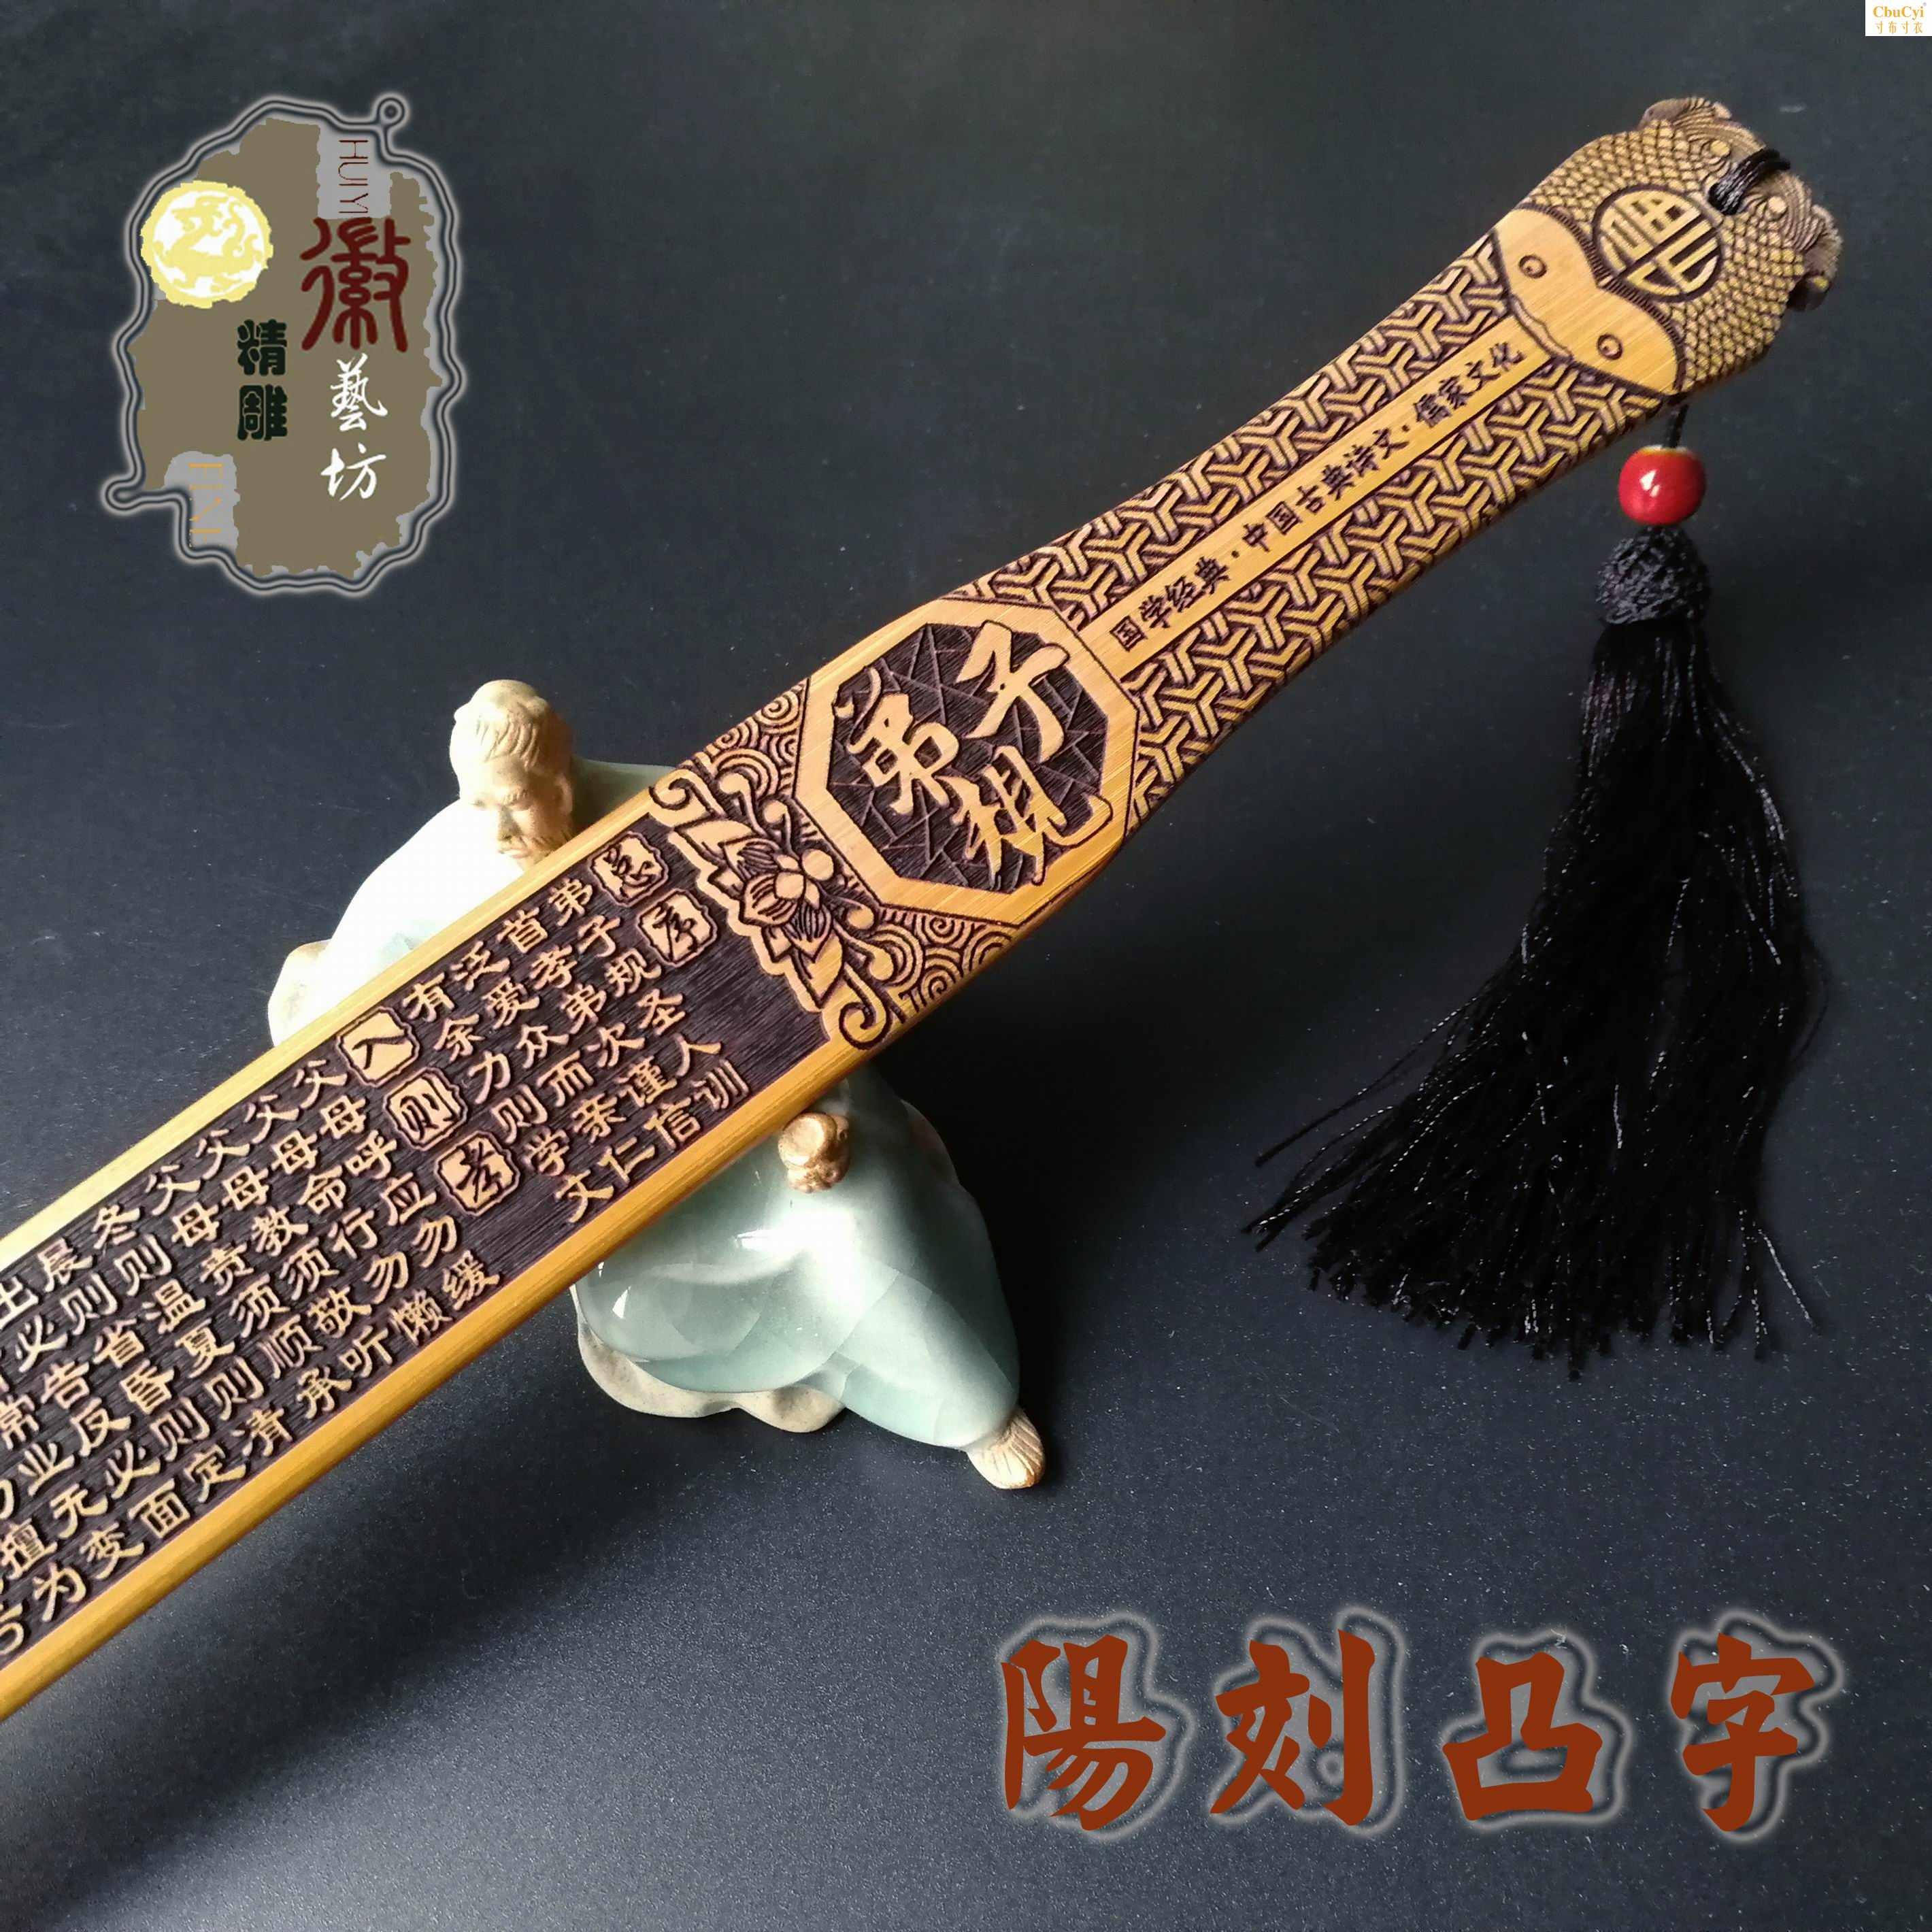 戒尺家用教师专用竹制教鞭竹片雕刻阳刻字居家摆件送老教师礼品